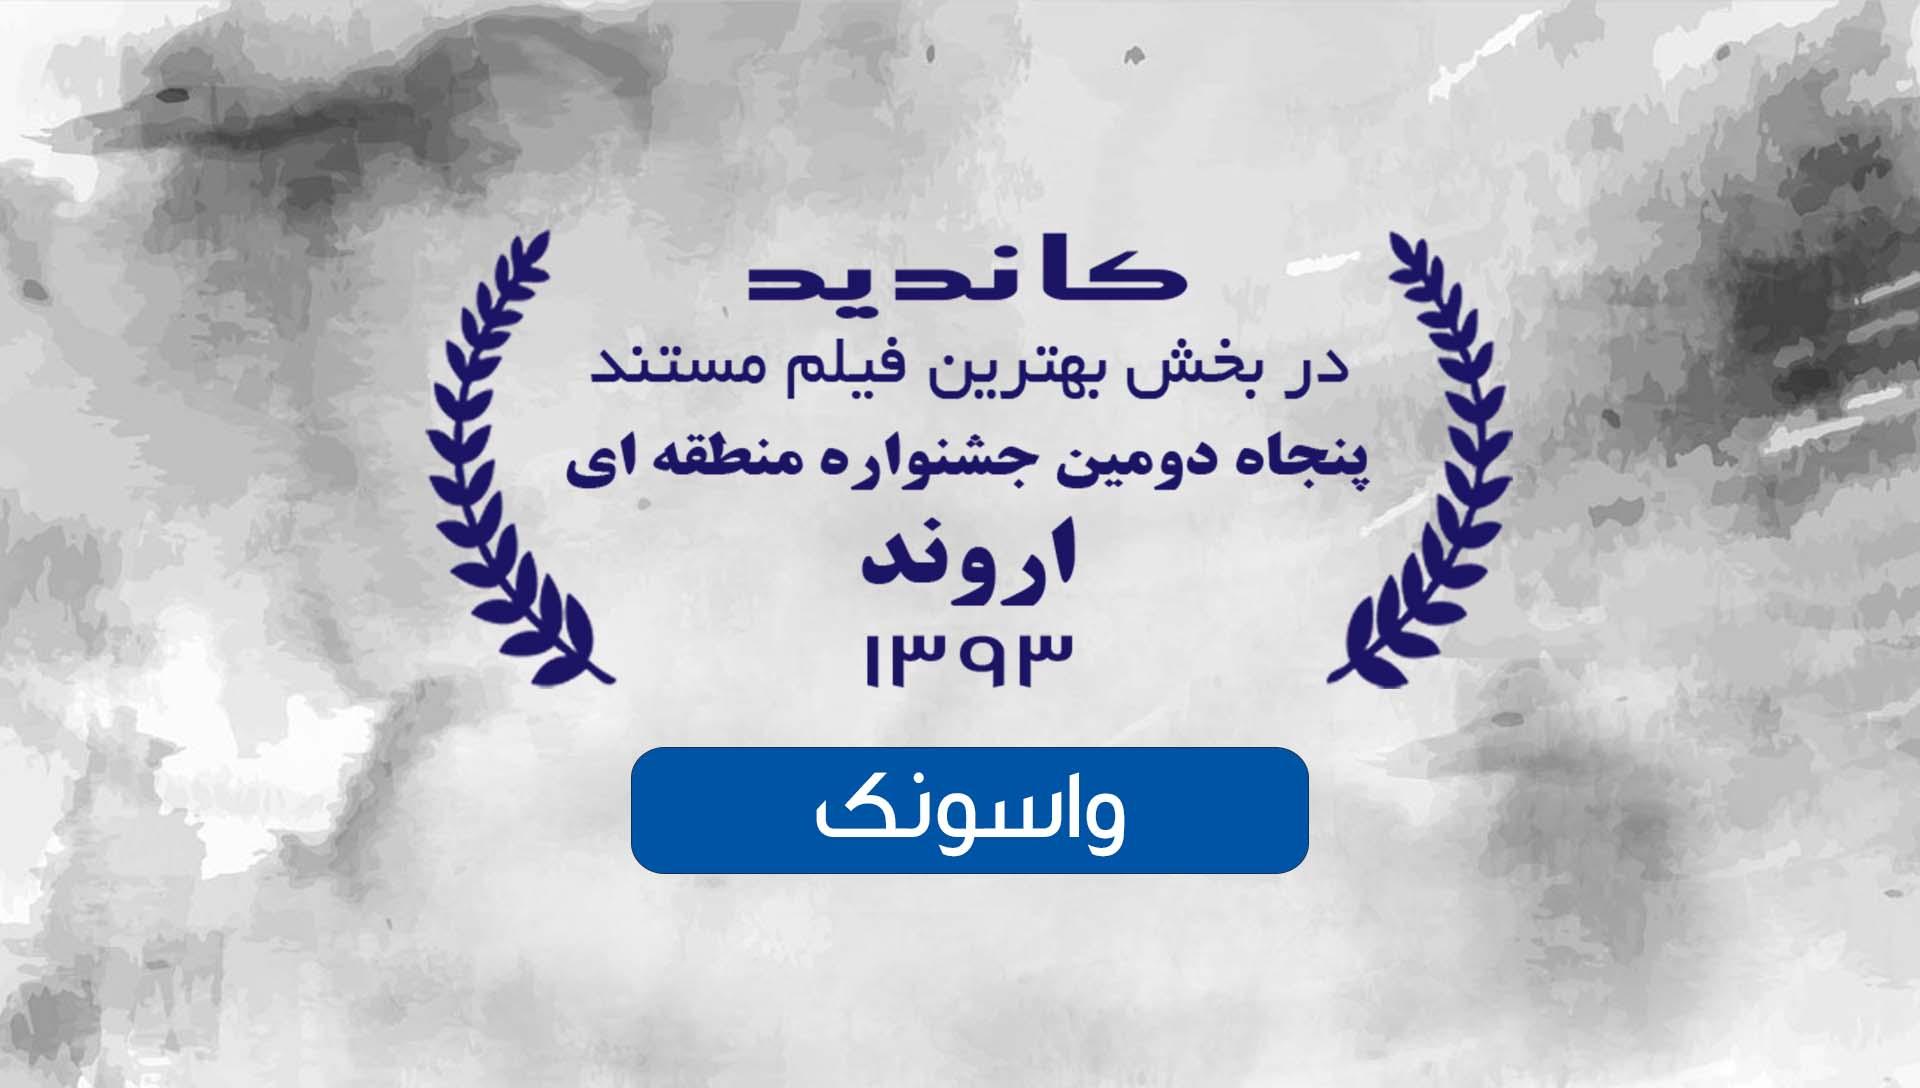 جشنواره فیلم کوتاه اروند 93 - شرکت فیلم سازی زوم شیراز برادران شریفی